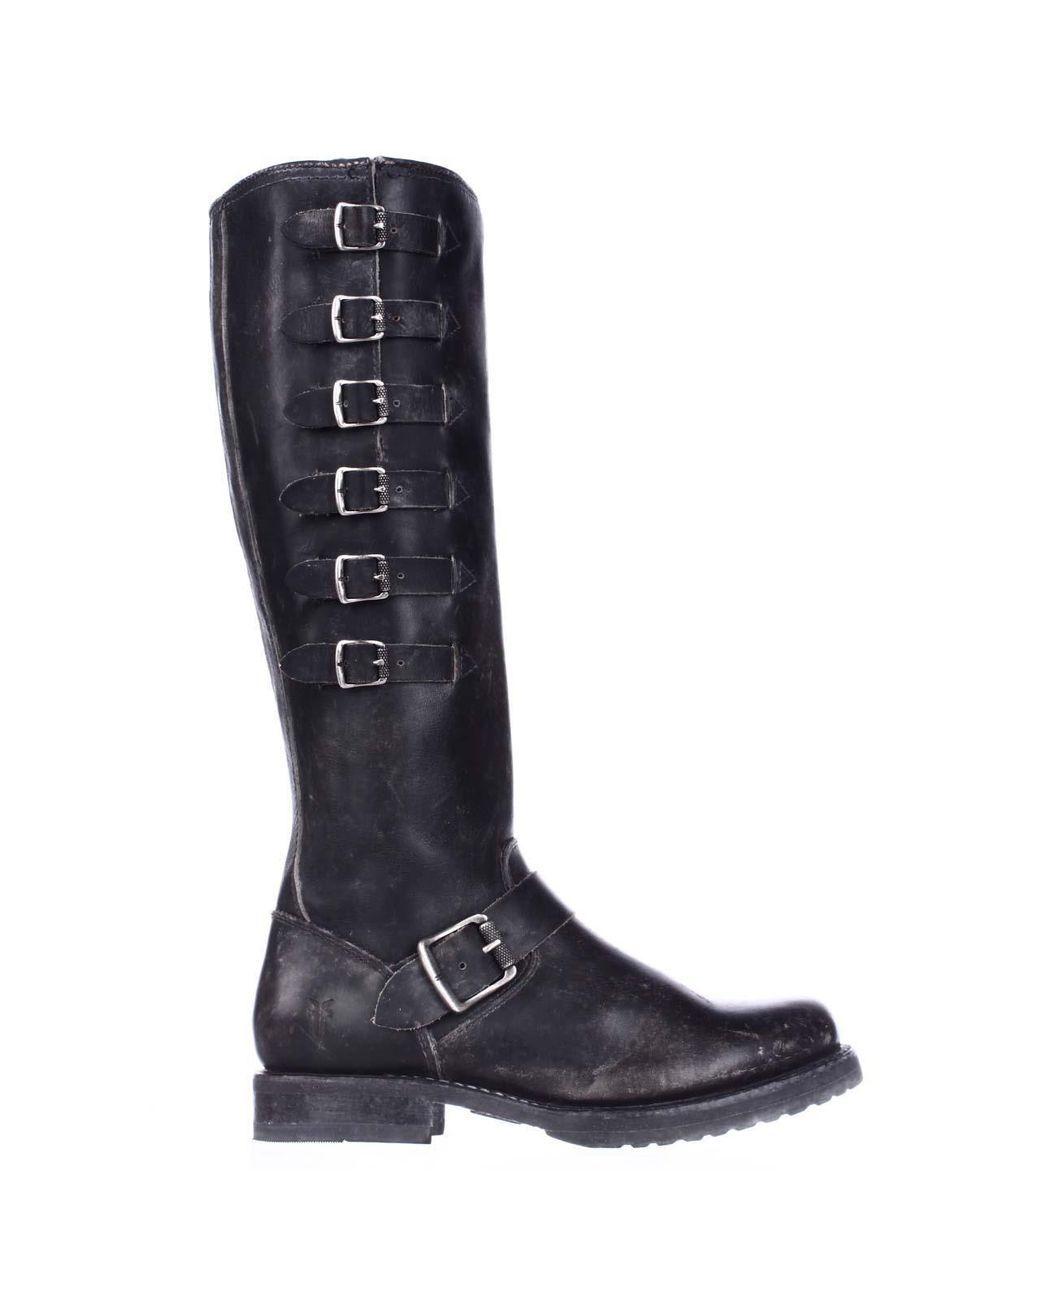 Clothing, Shoes & Accessories Conscientious Dr Martens Stivaletti Bordeaux Women's Shoes